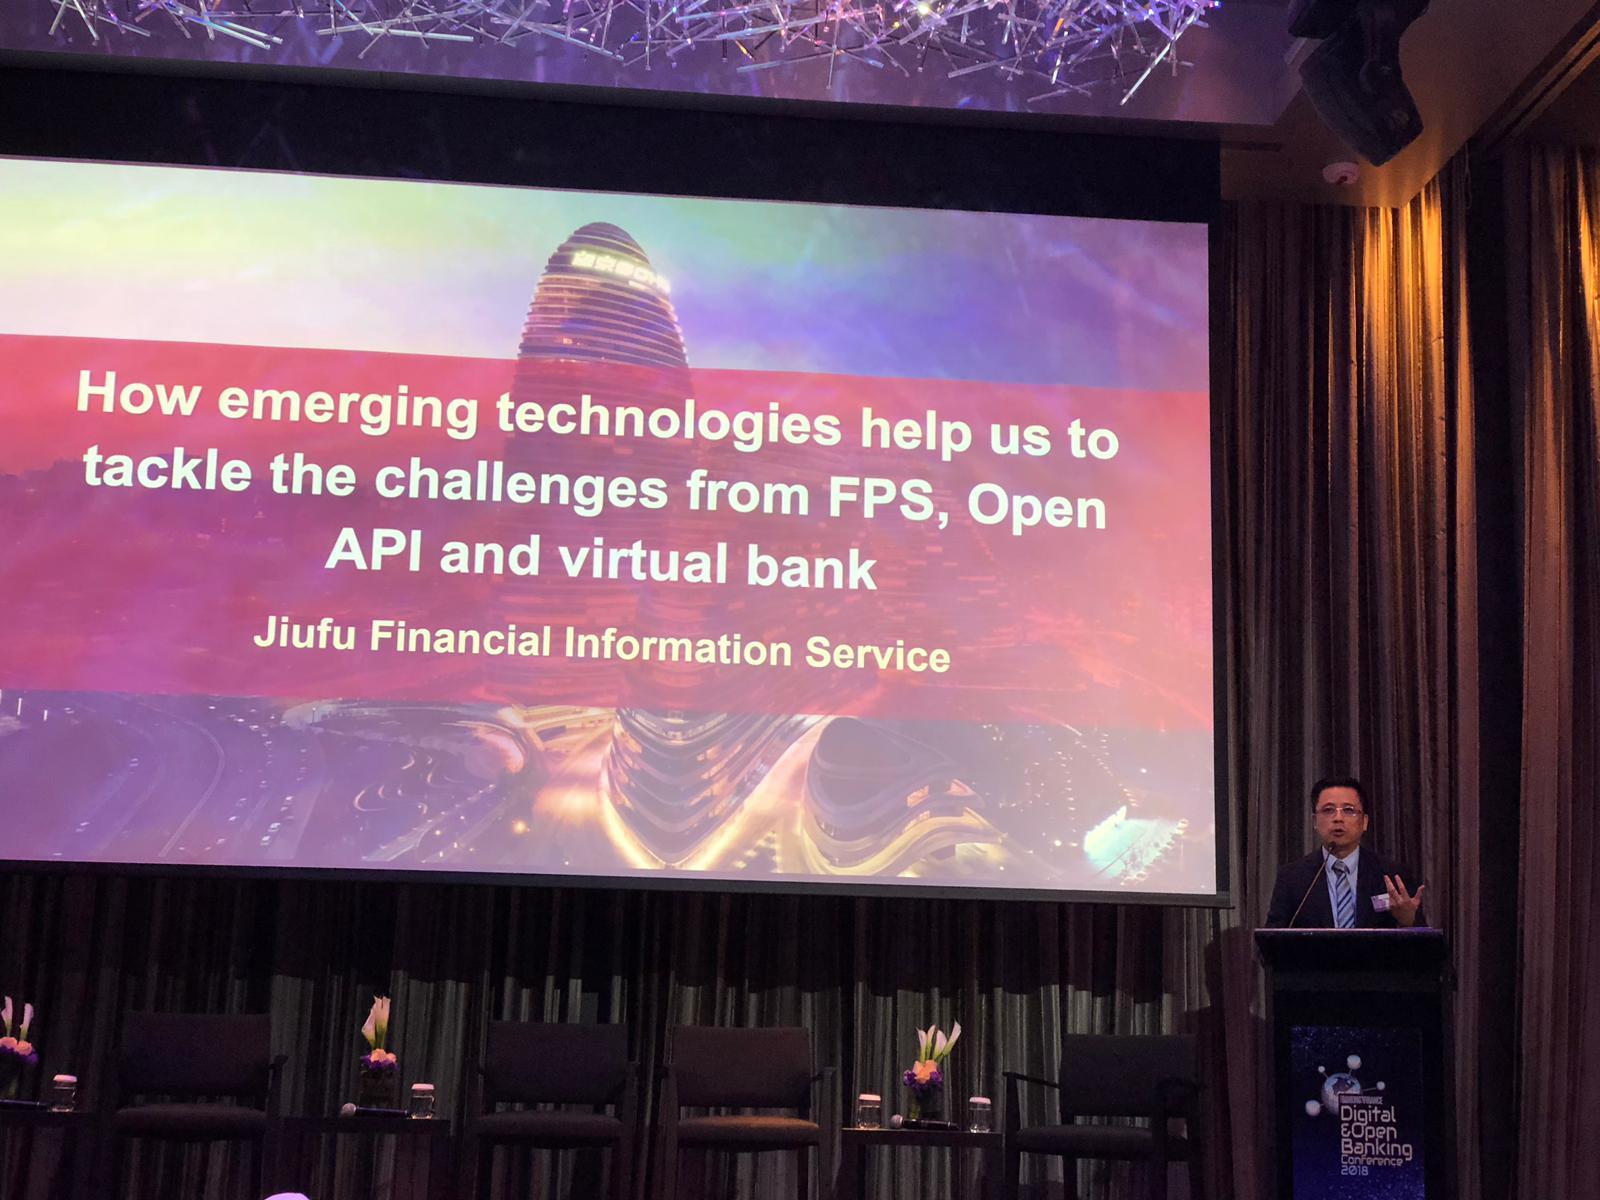 玖富国际受邀出席ABF首次数字与开放银行业务会议 科技赋能实现价值共享